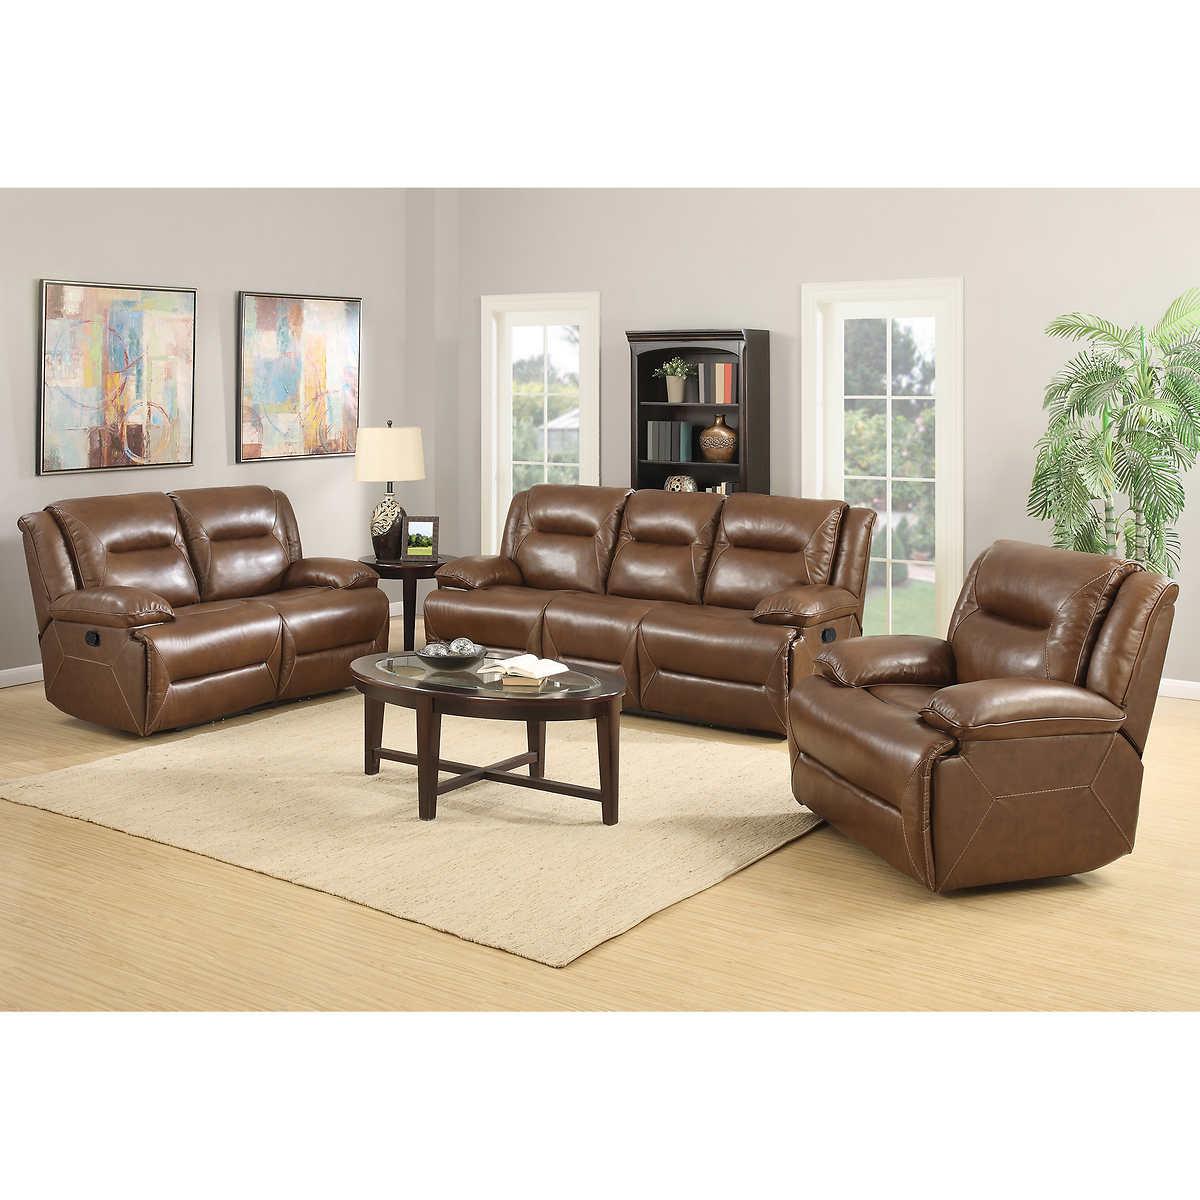 recliner living room sets | costco